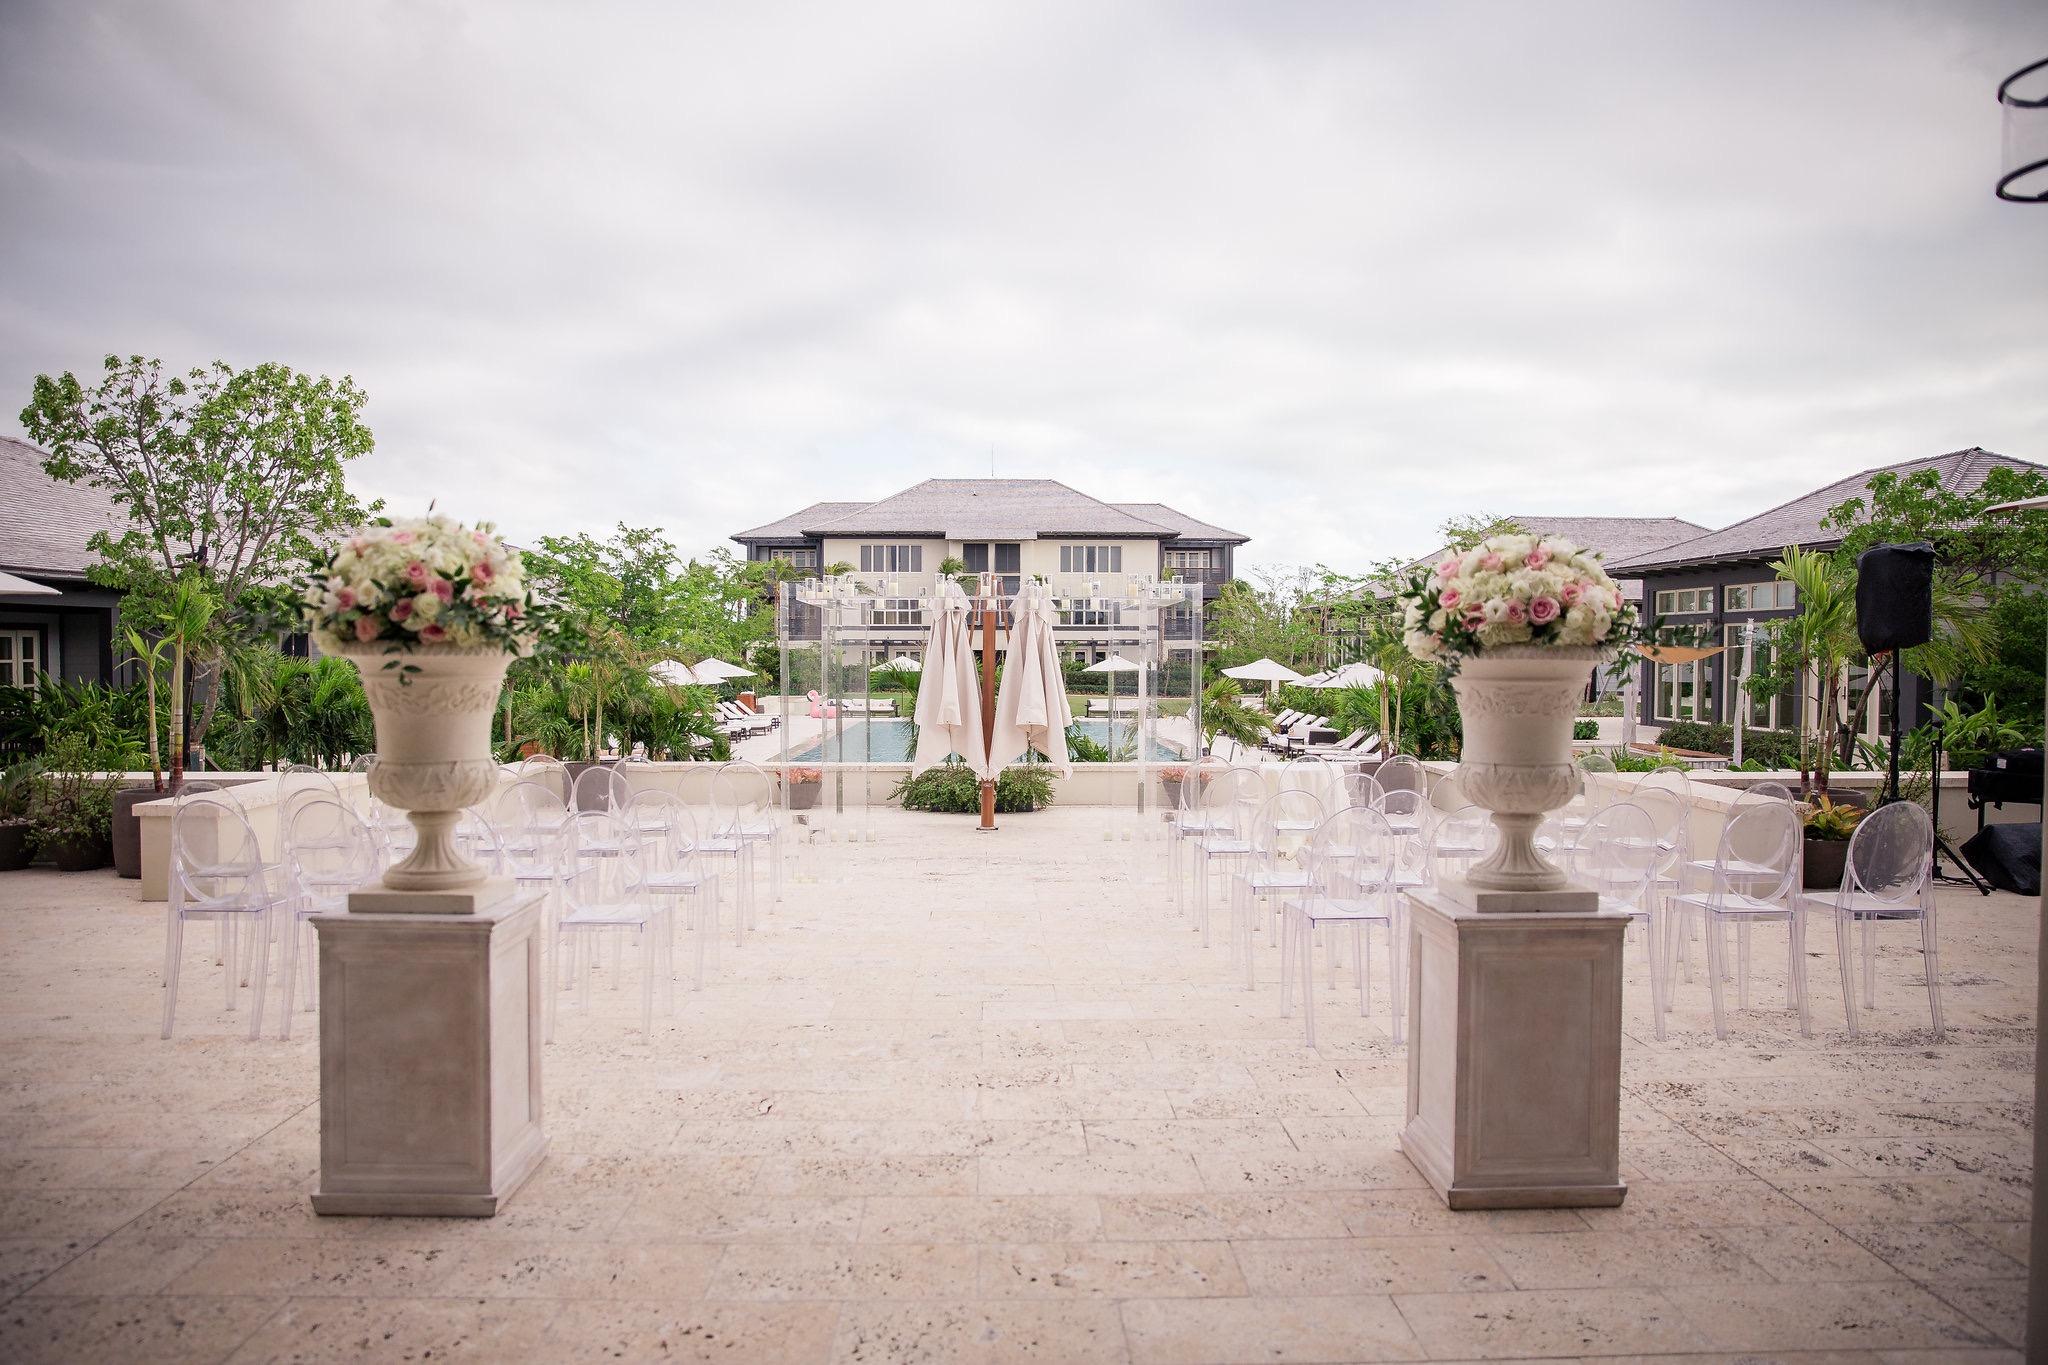 EboniRobyn-Wedding-MeganChris-IslandHouse-15.jpg